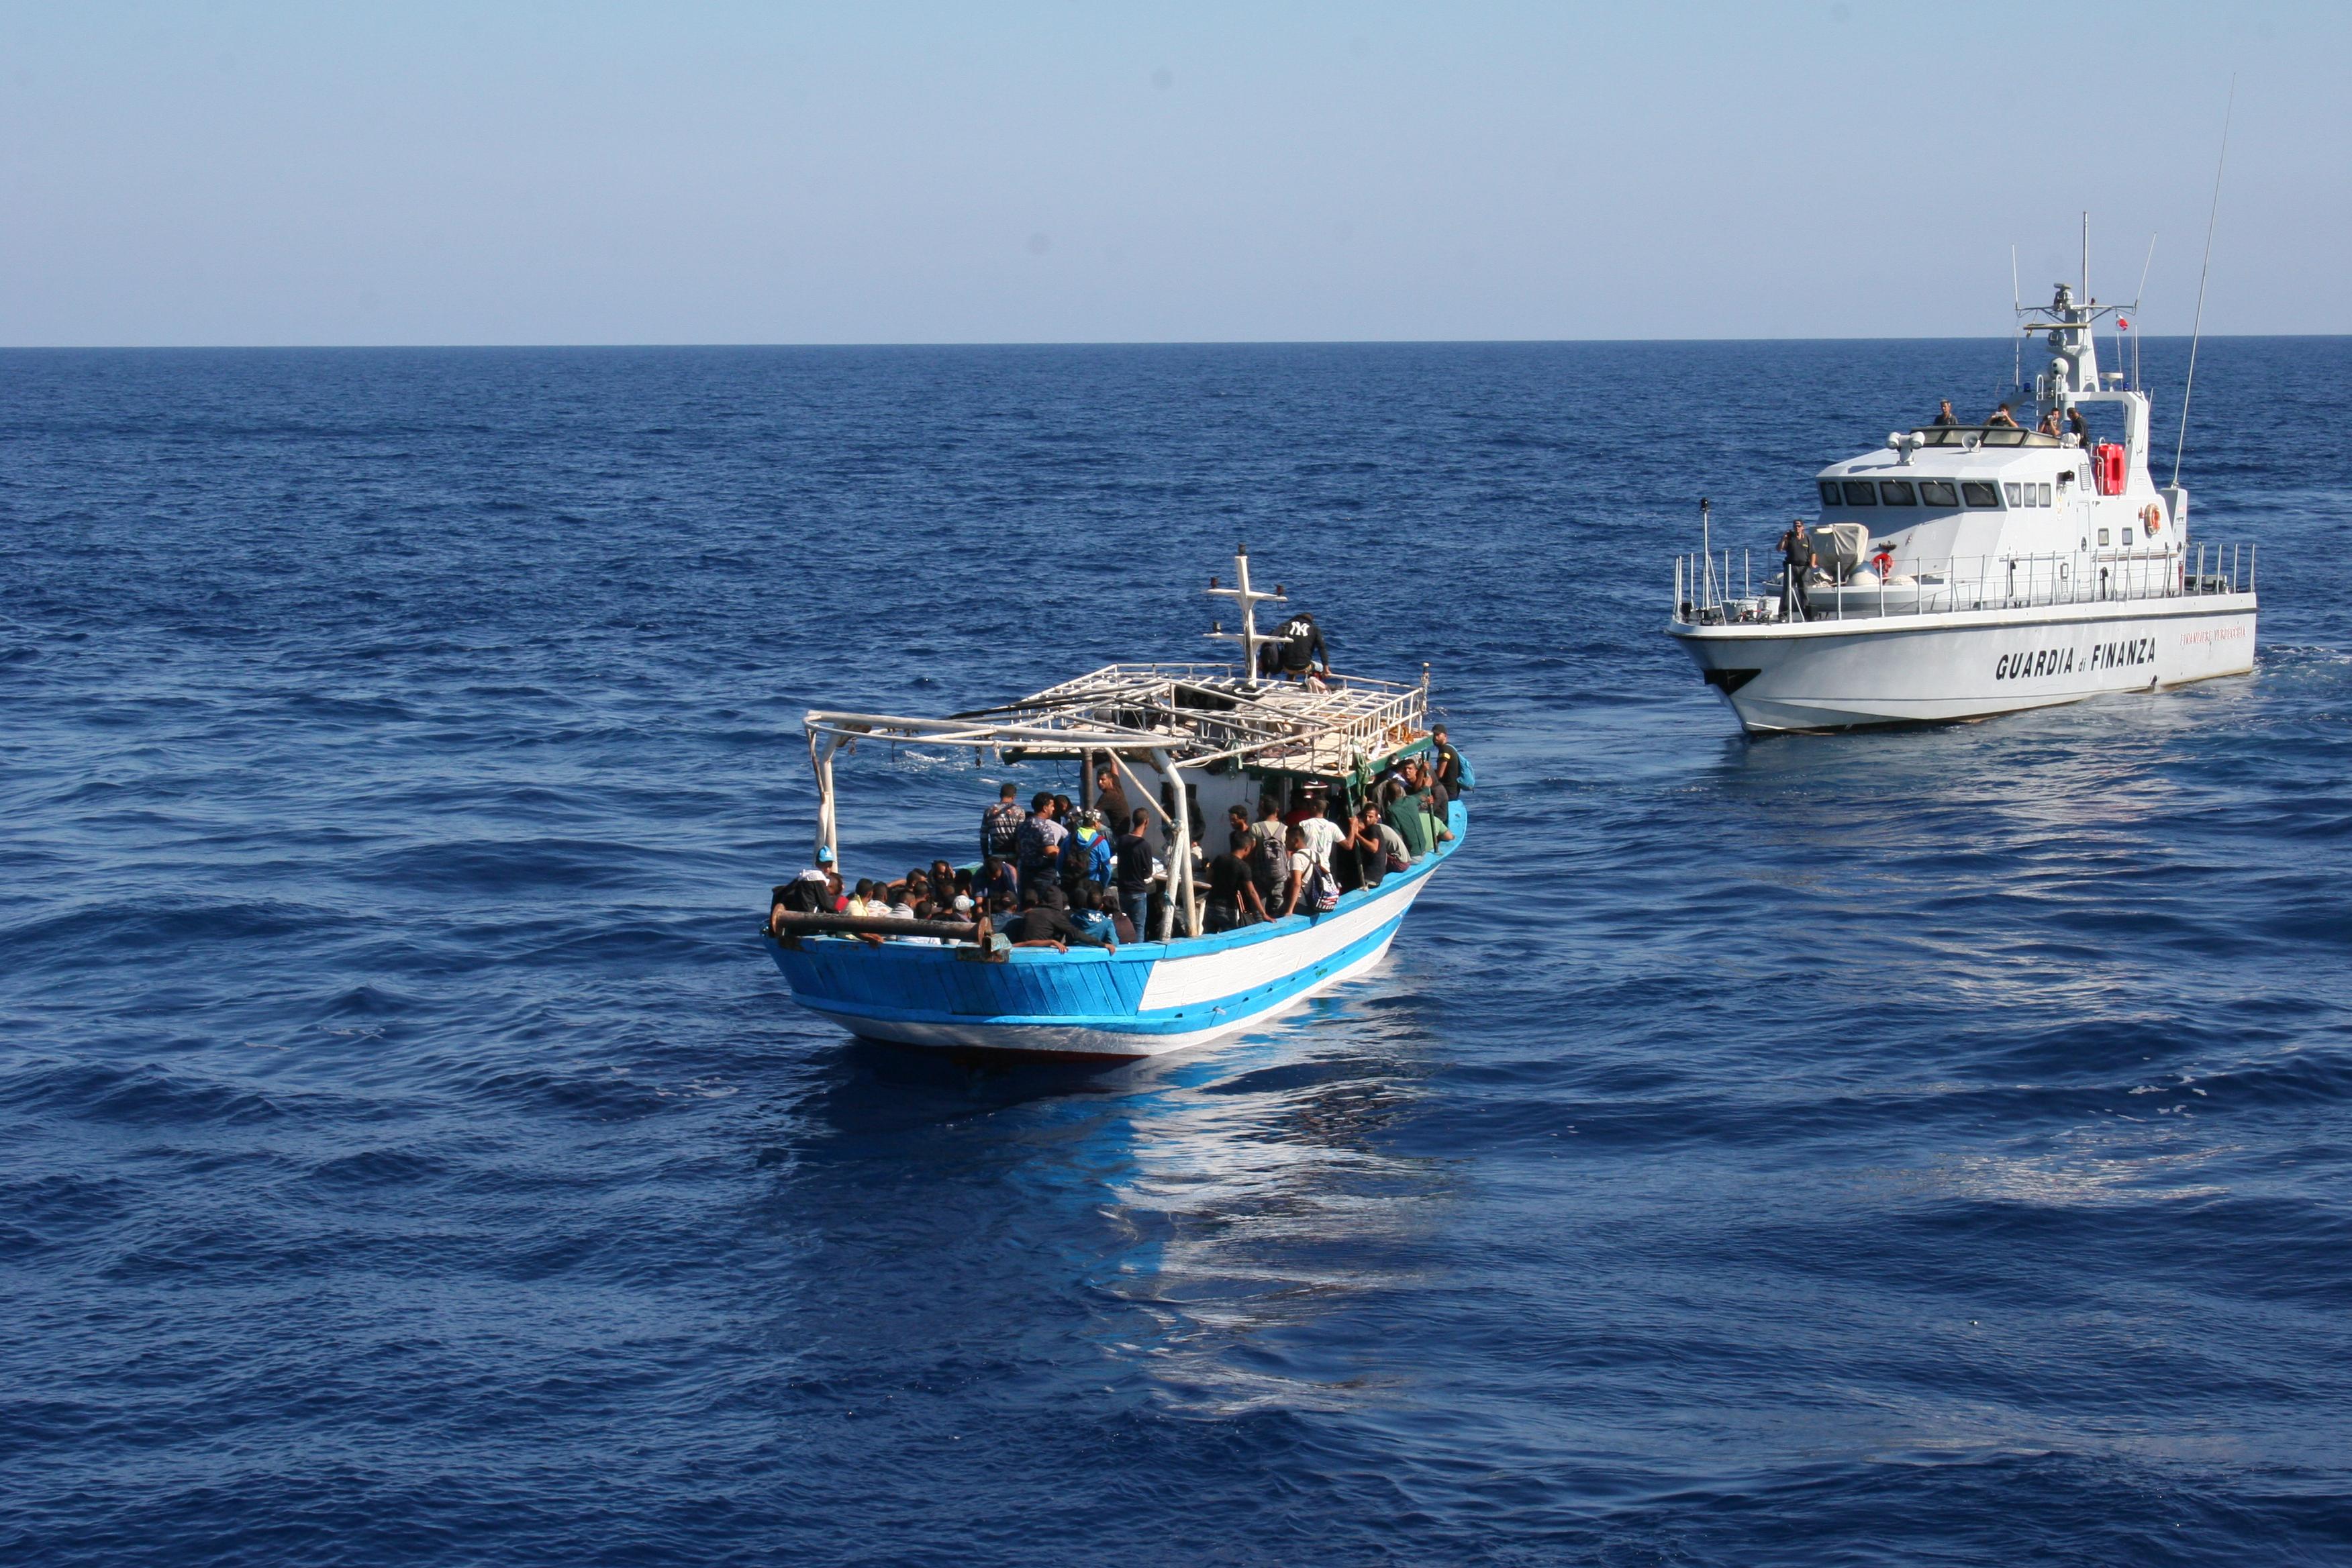 Sbarchi fantasma: arriva la prima condanna per uno scafista tunisino